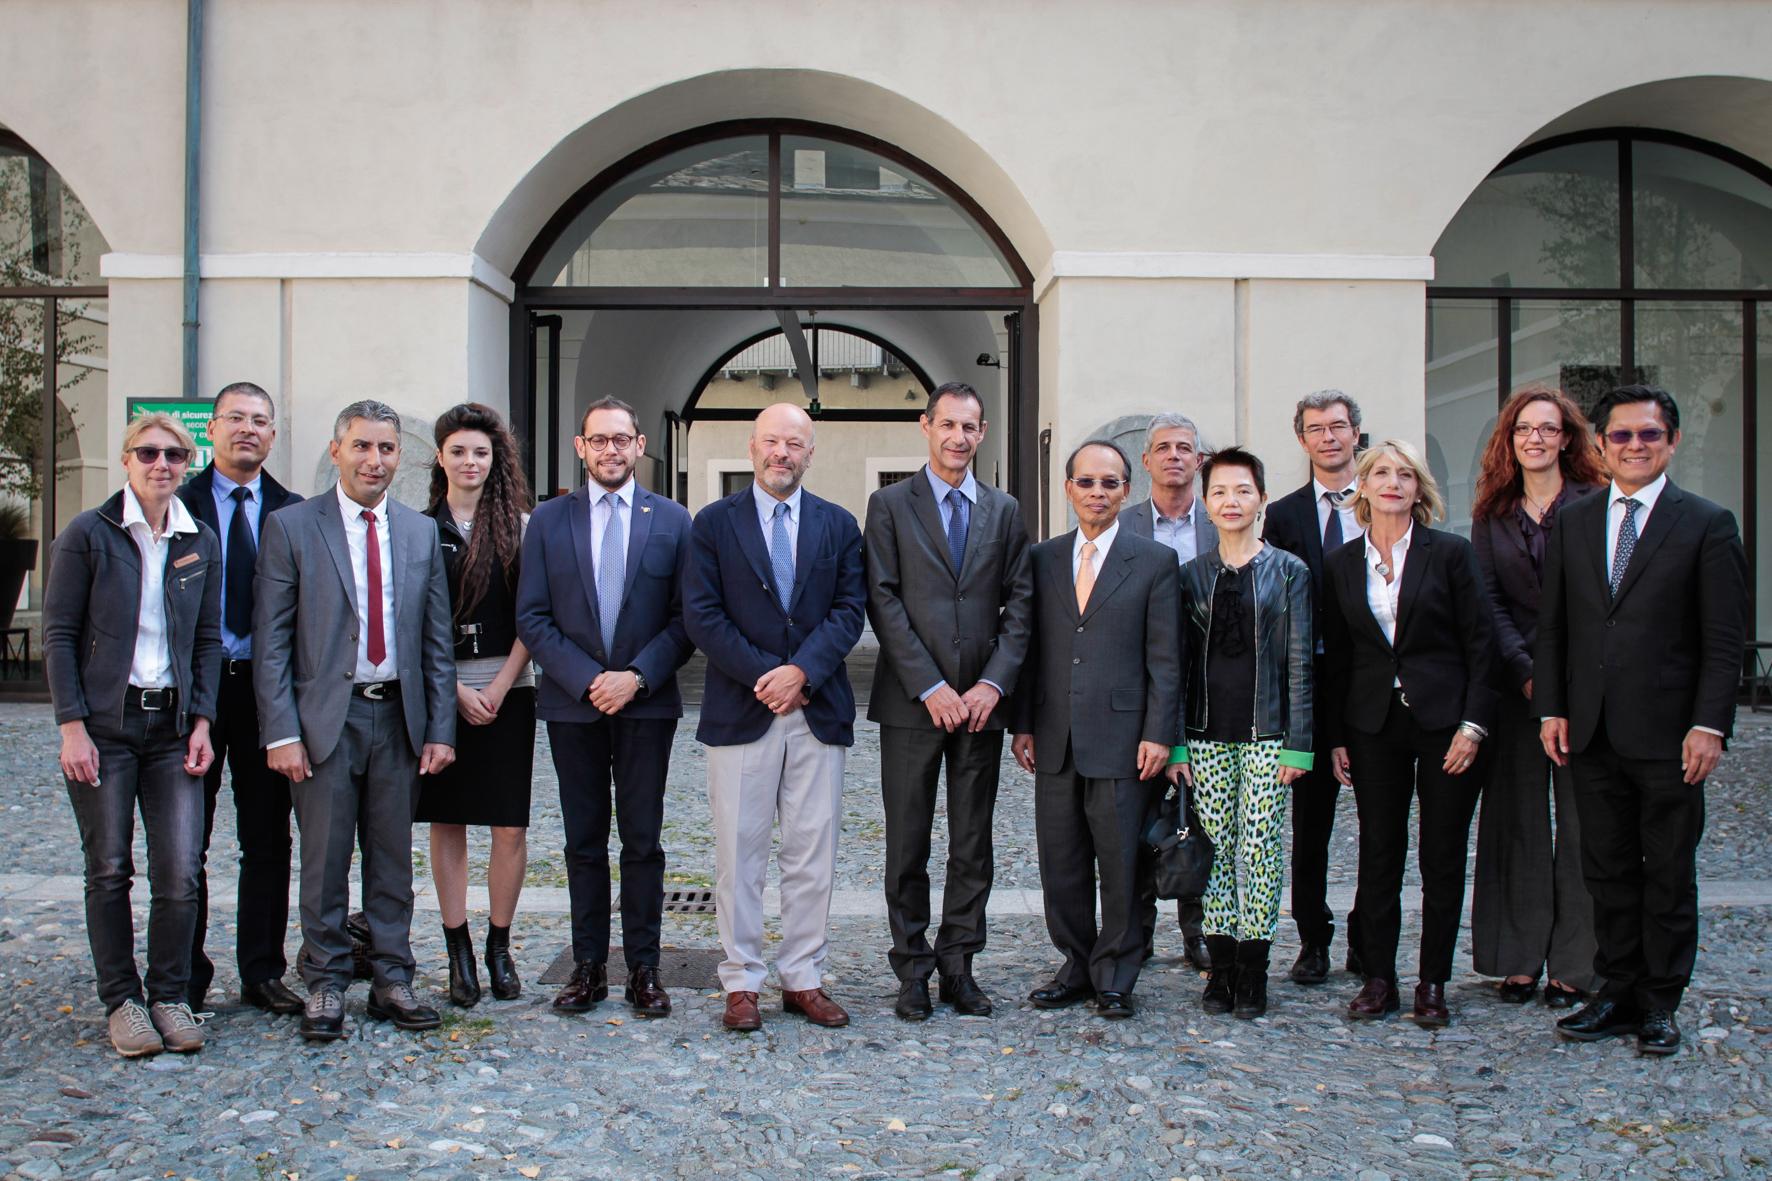 Ufficio Di Rappresentanza In Italia Dipendenti : Una delegazione valdostana ha incontrato il capo dellufficio di